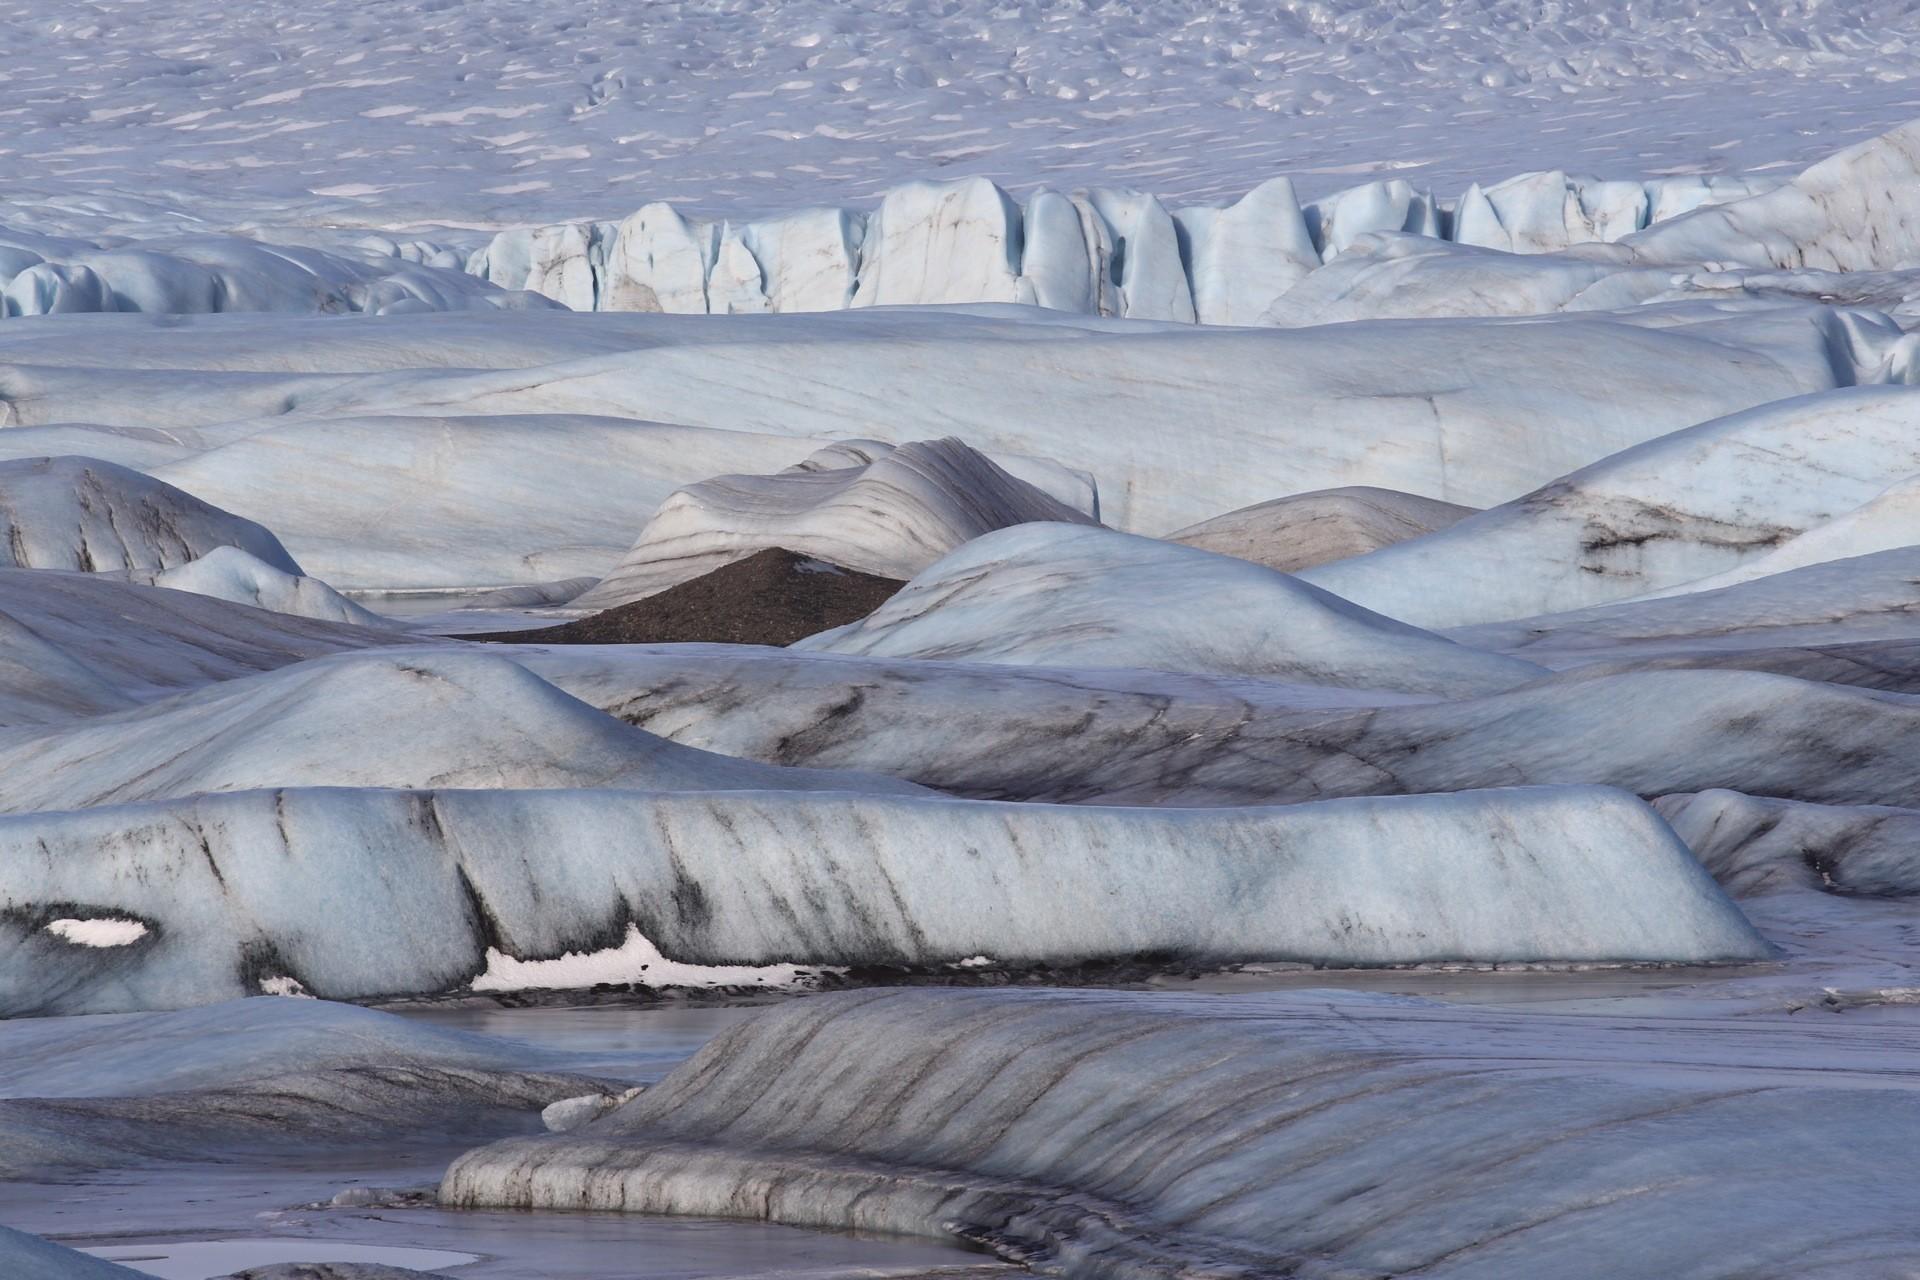 laguna-glaciale-jokulsarlon-e491e9a1ba20